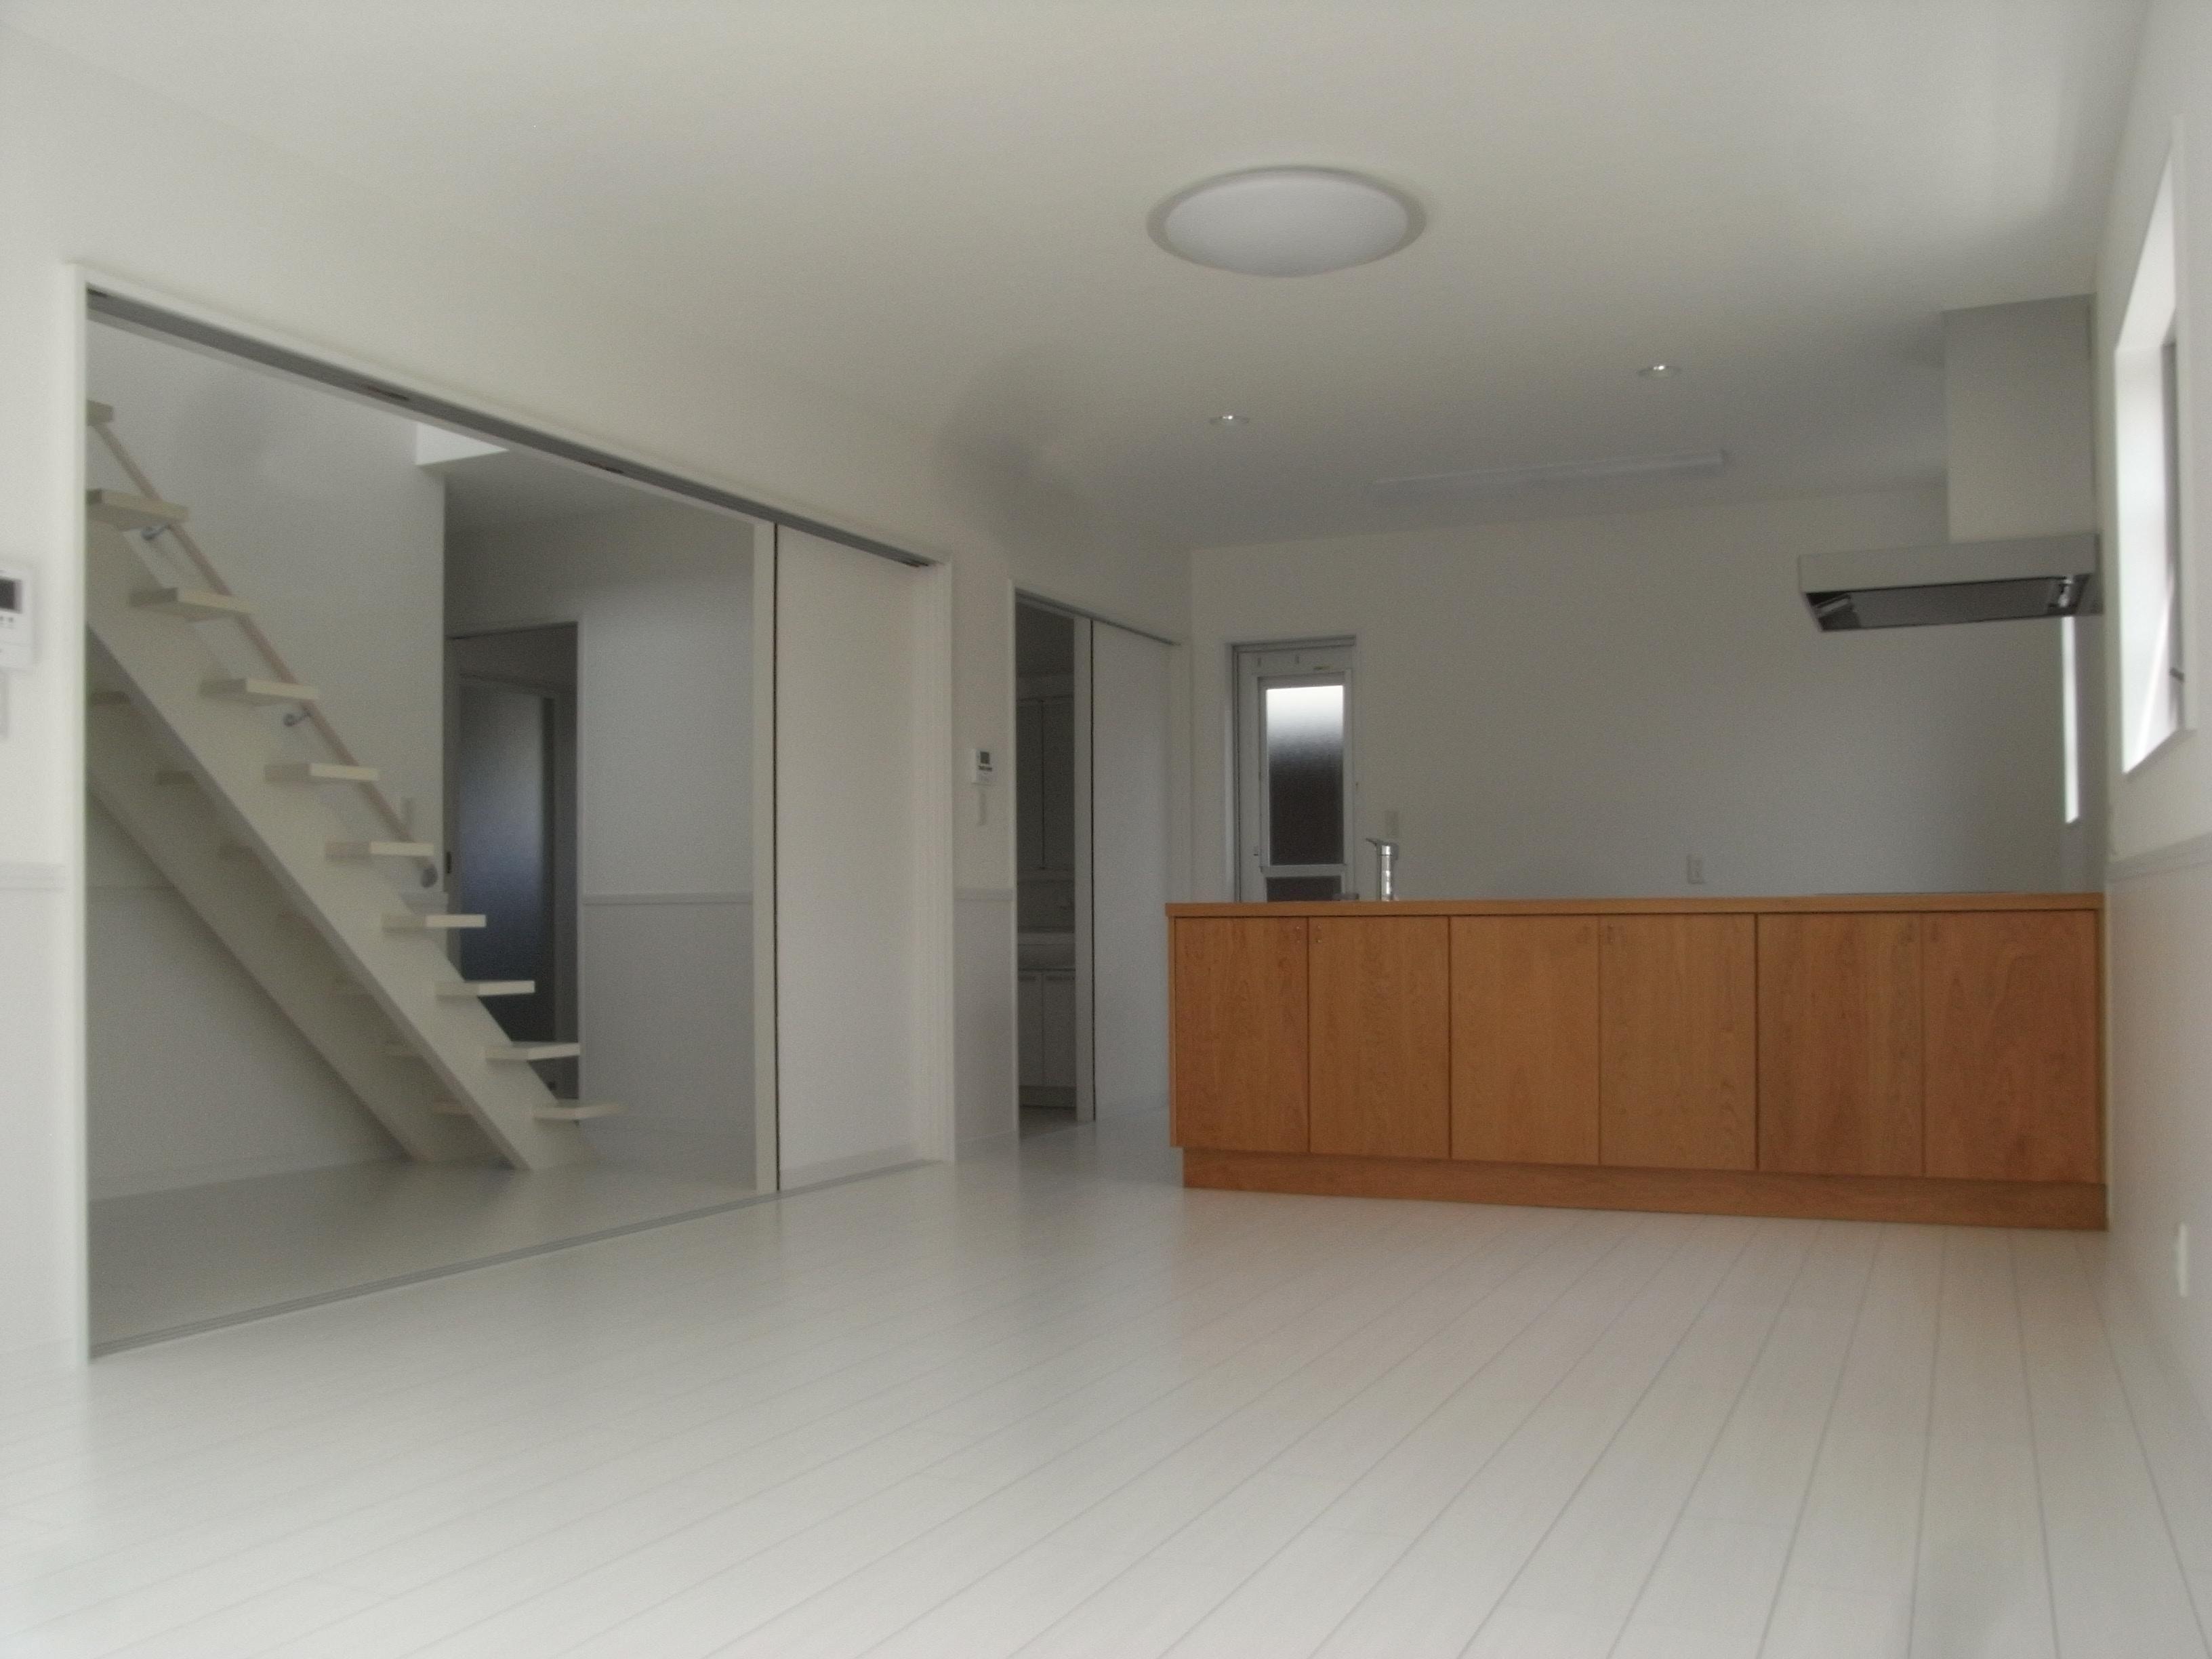 清潔感のある爽やかなイメージの2階建て ダウンライト 住宅